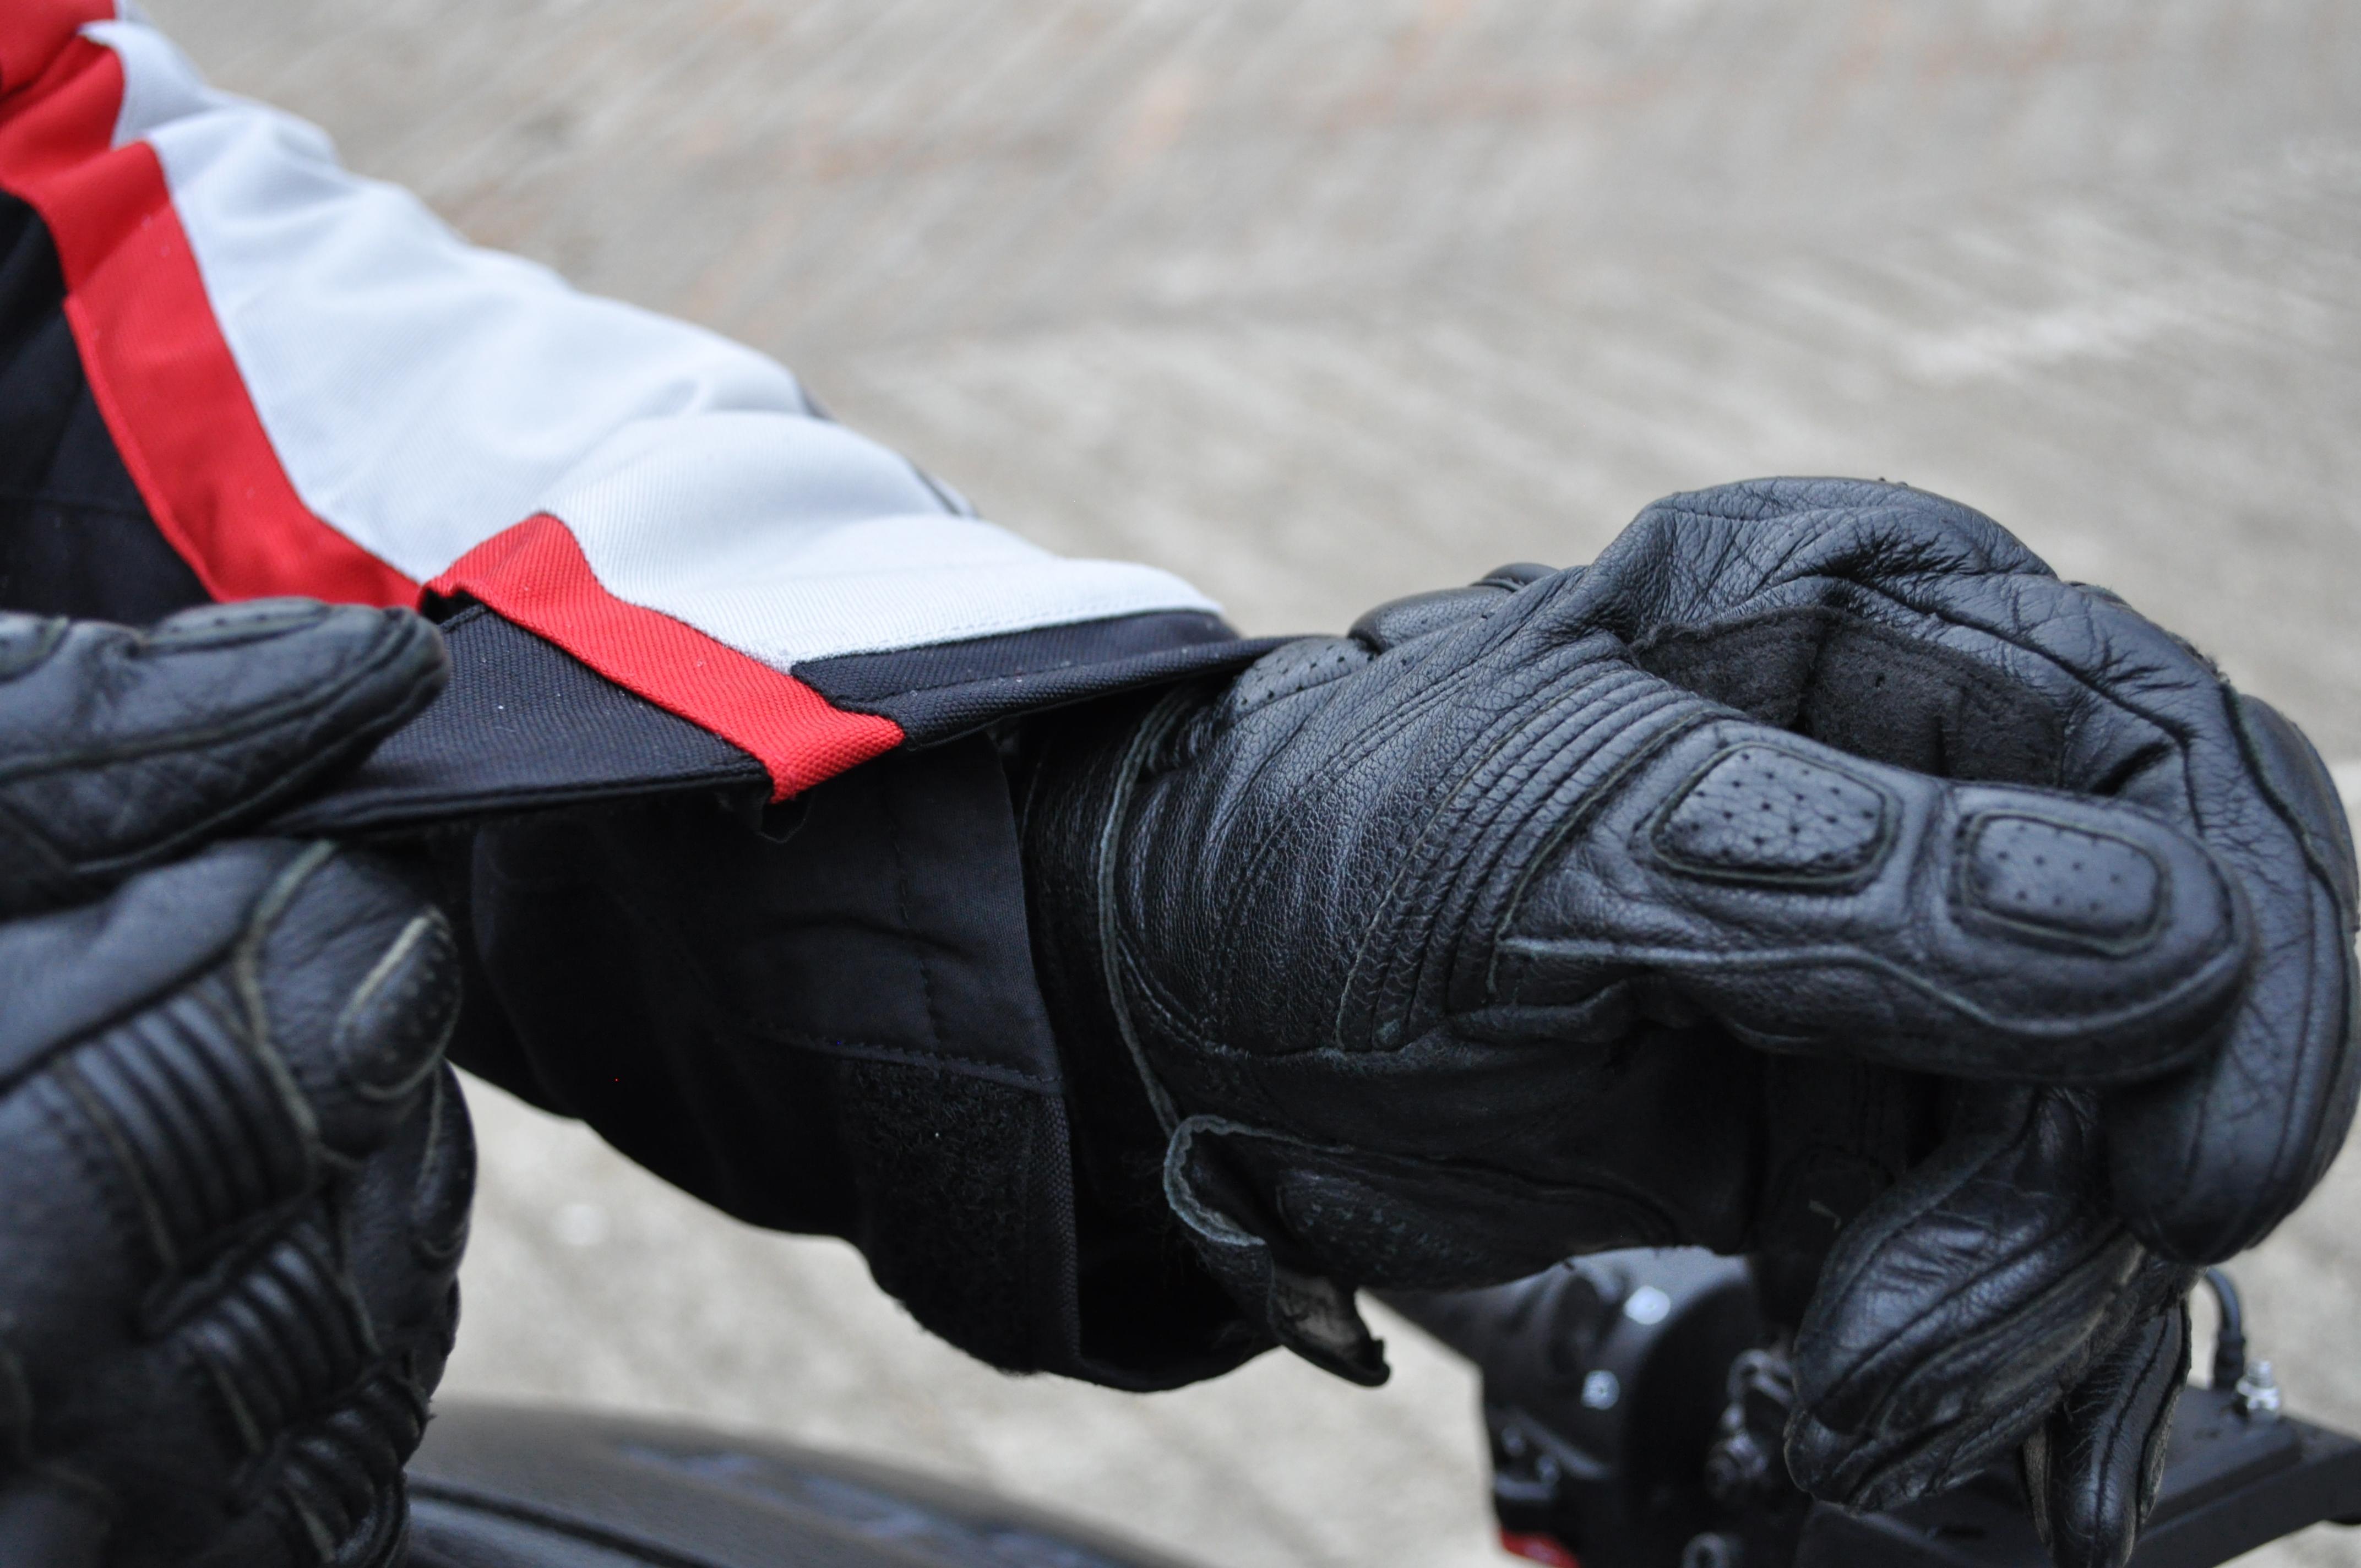 Serrage des manches velcro sur la veste Dainese TEMPEST 2 D-DRY